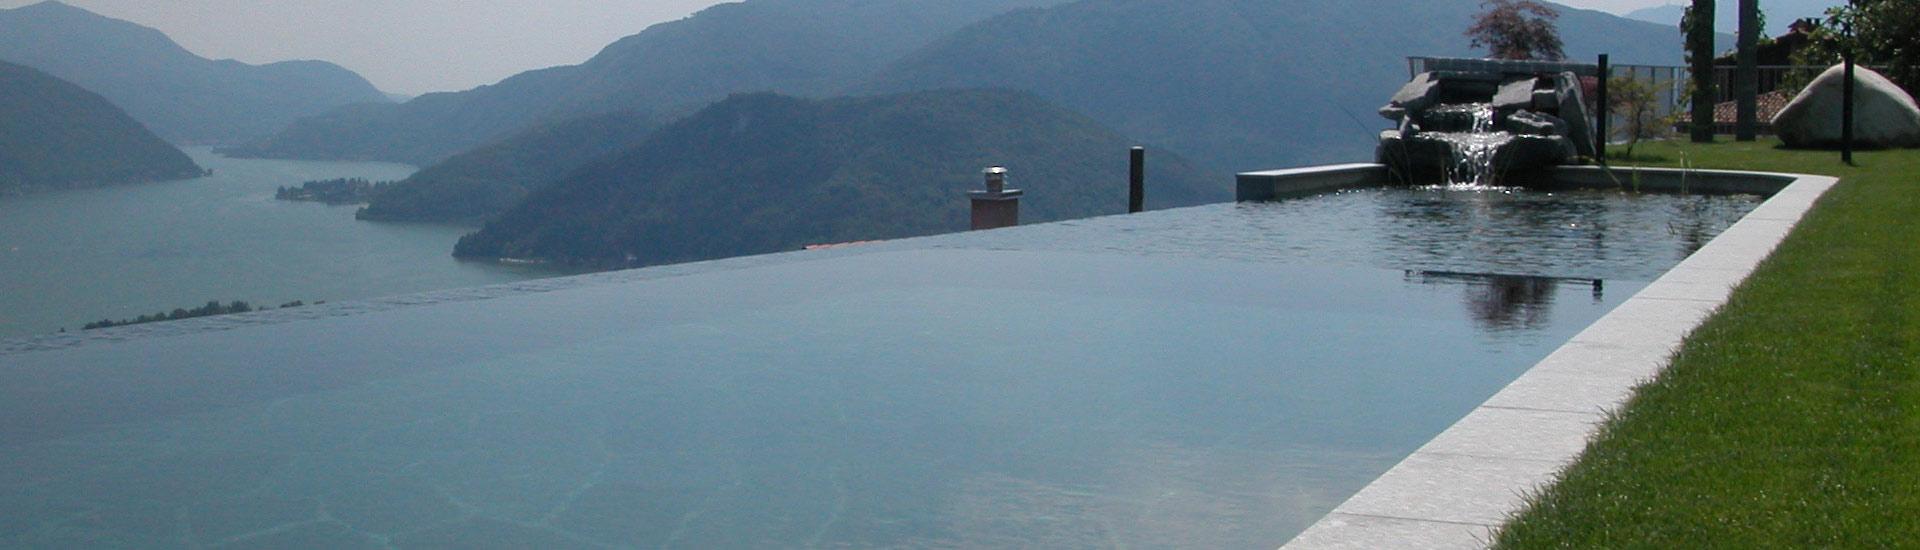 slide-piscine-svizzera_4